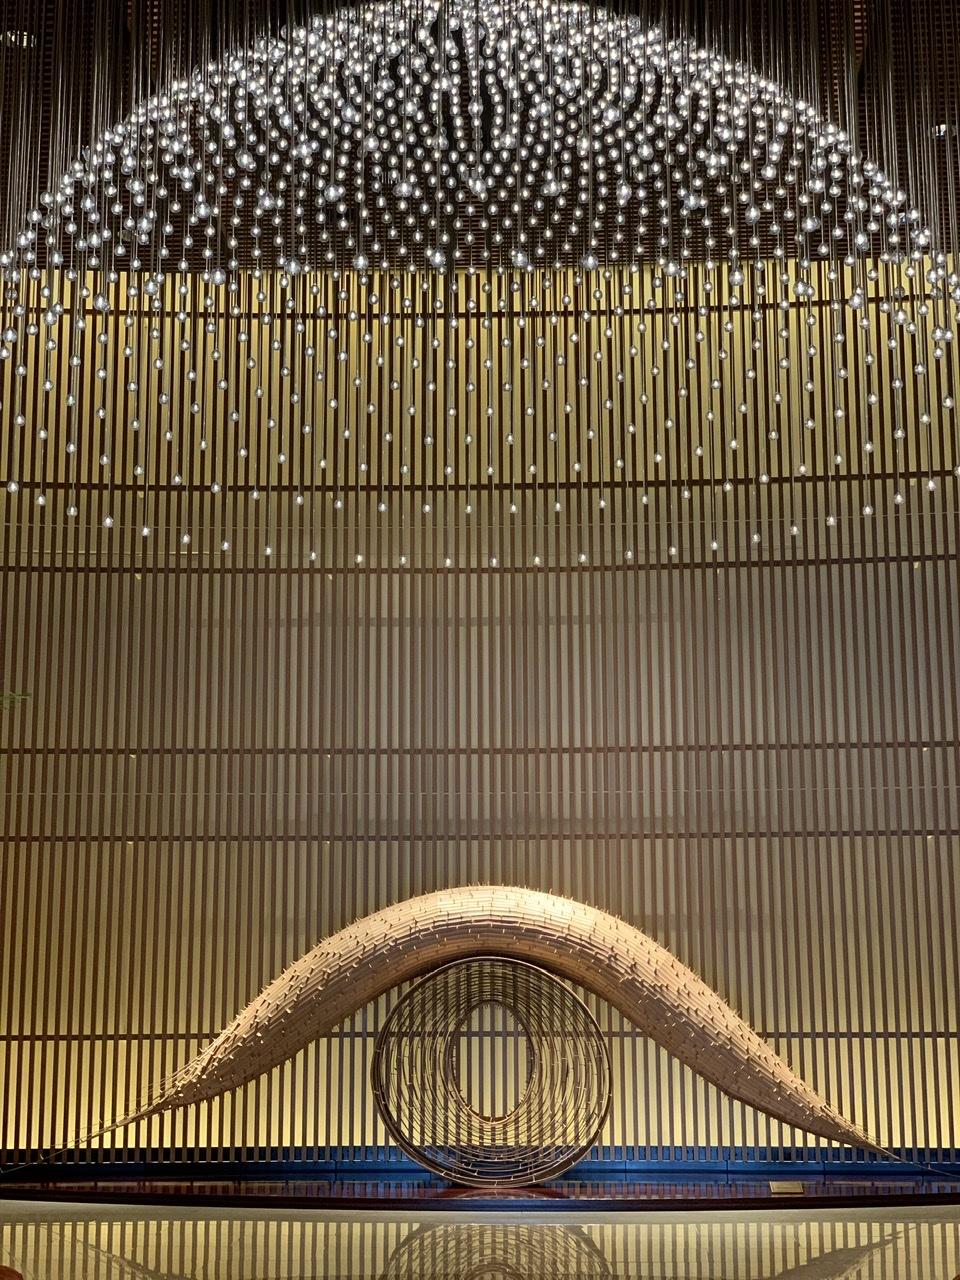 モニュメント「臥龍の門」